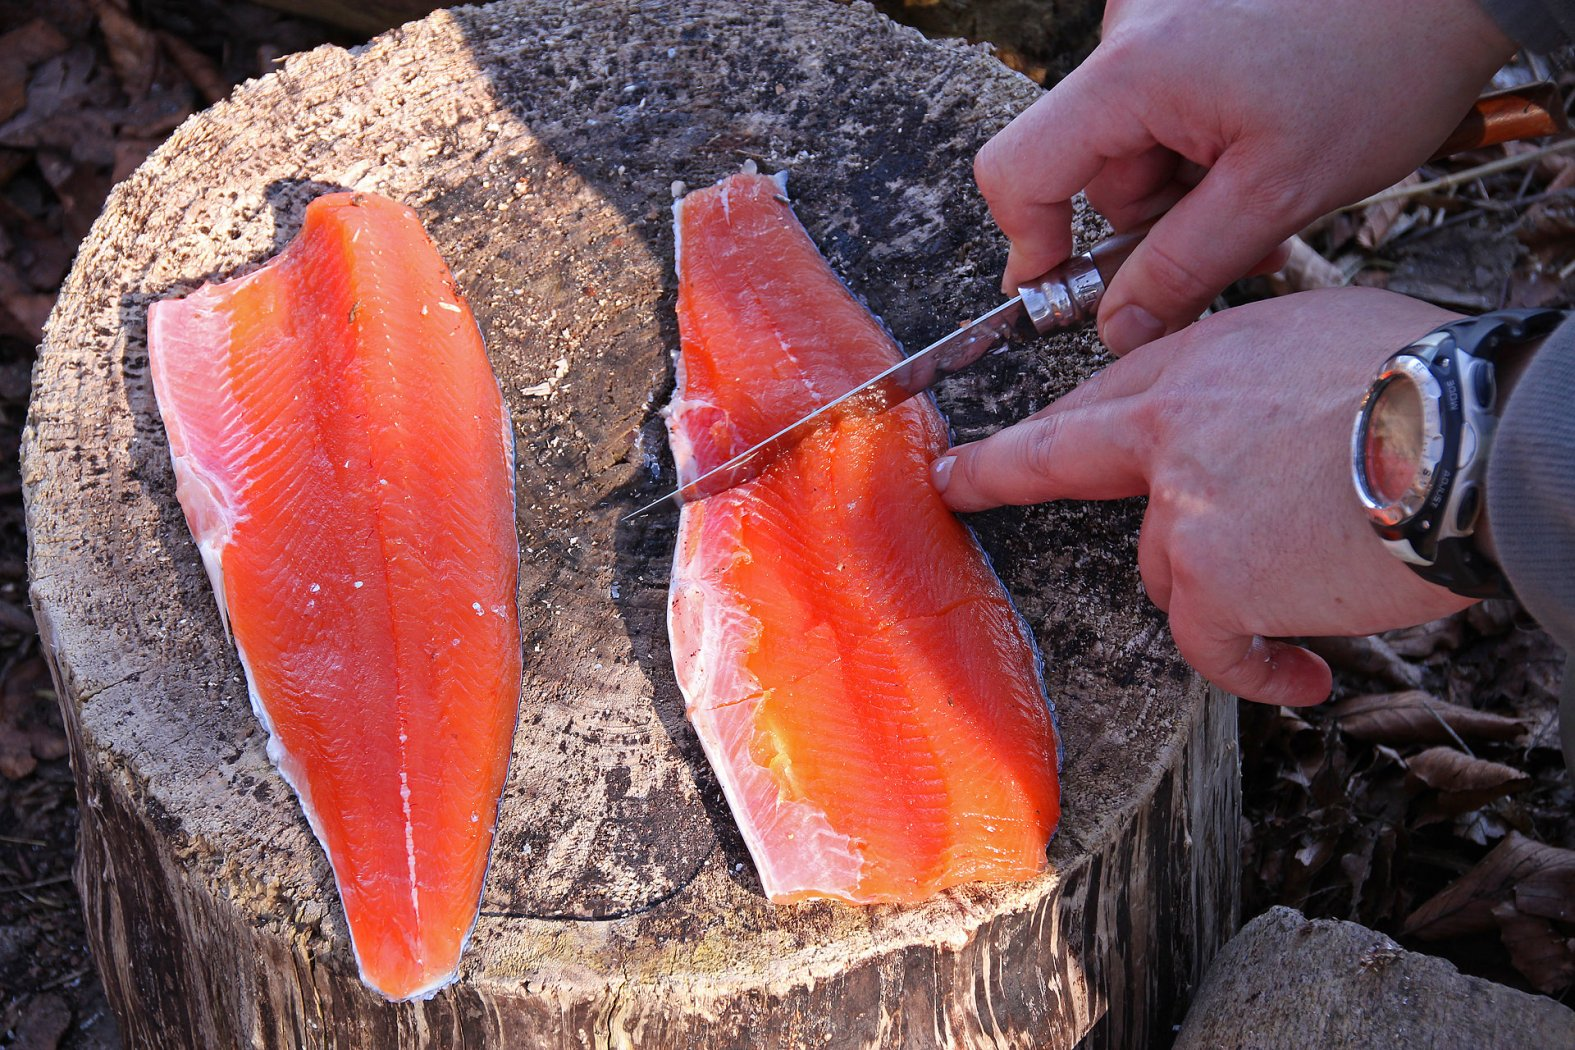 Meerforellen-Filets zum Grillen vorbereiten